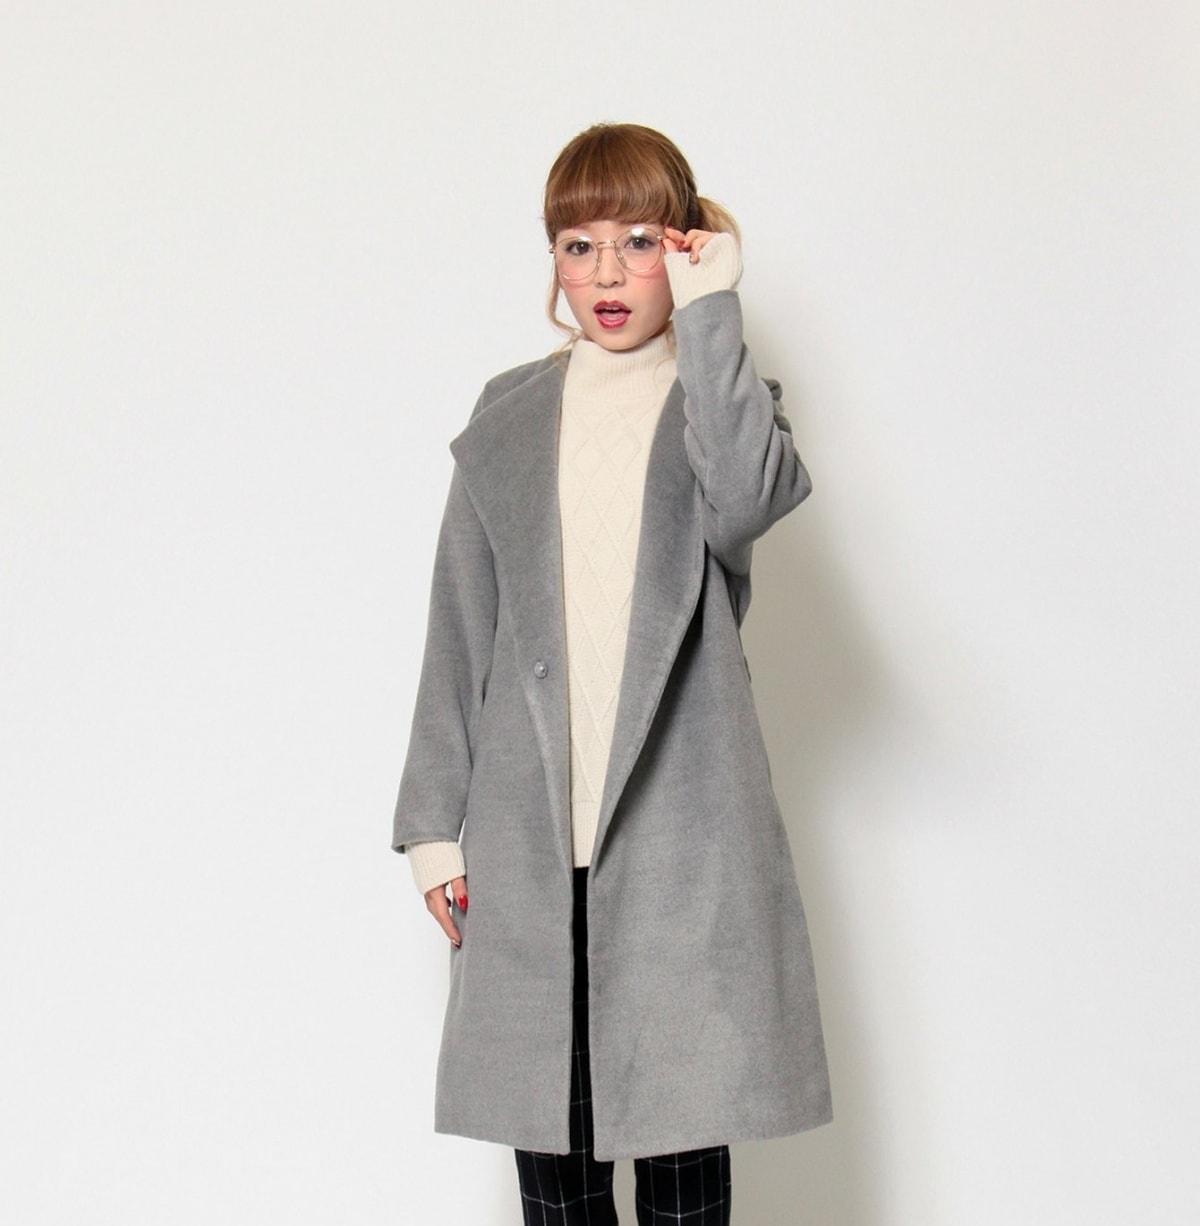 簡單・可愛・時尚——retro girl的主打概念